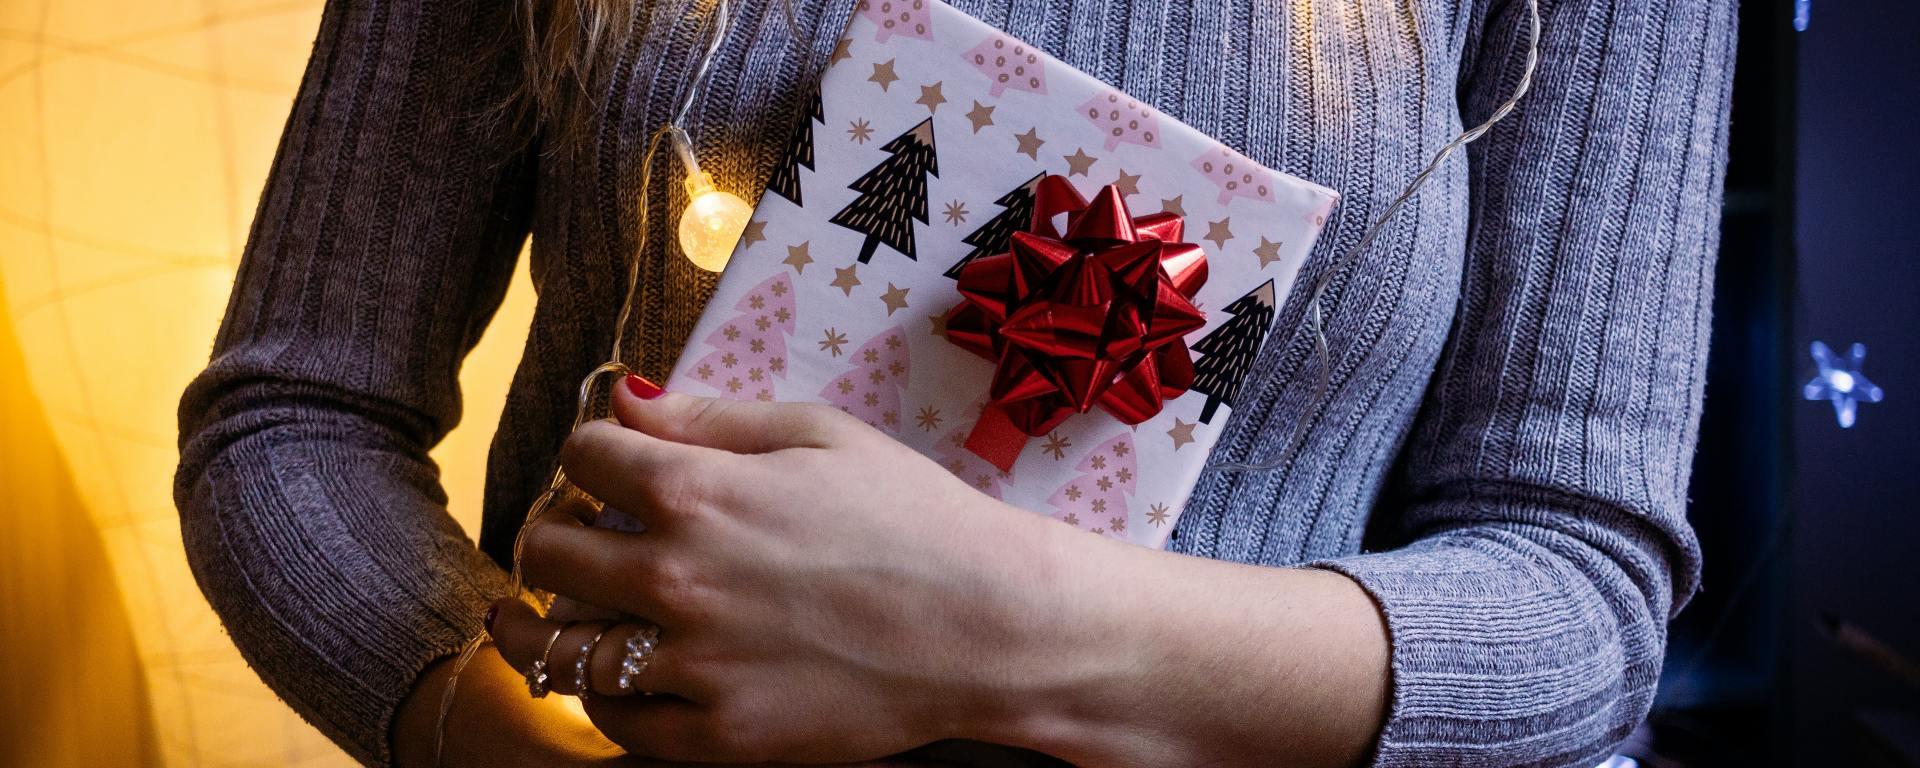 idées cadeaux noël - qu'offrir pour être sûr de faire plaisir